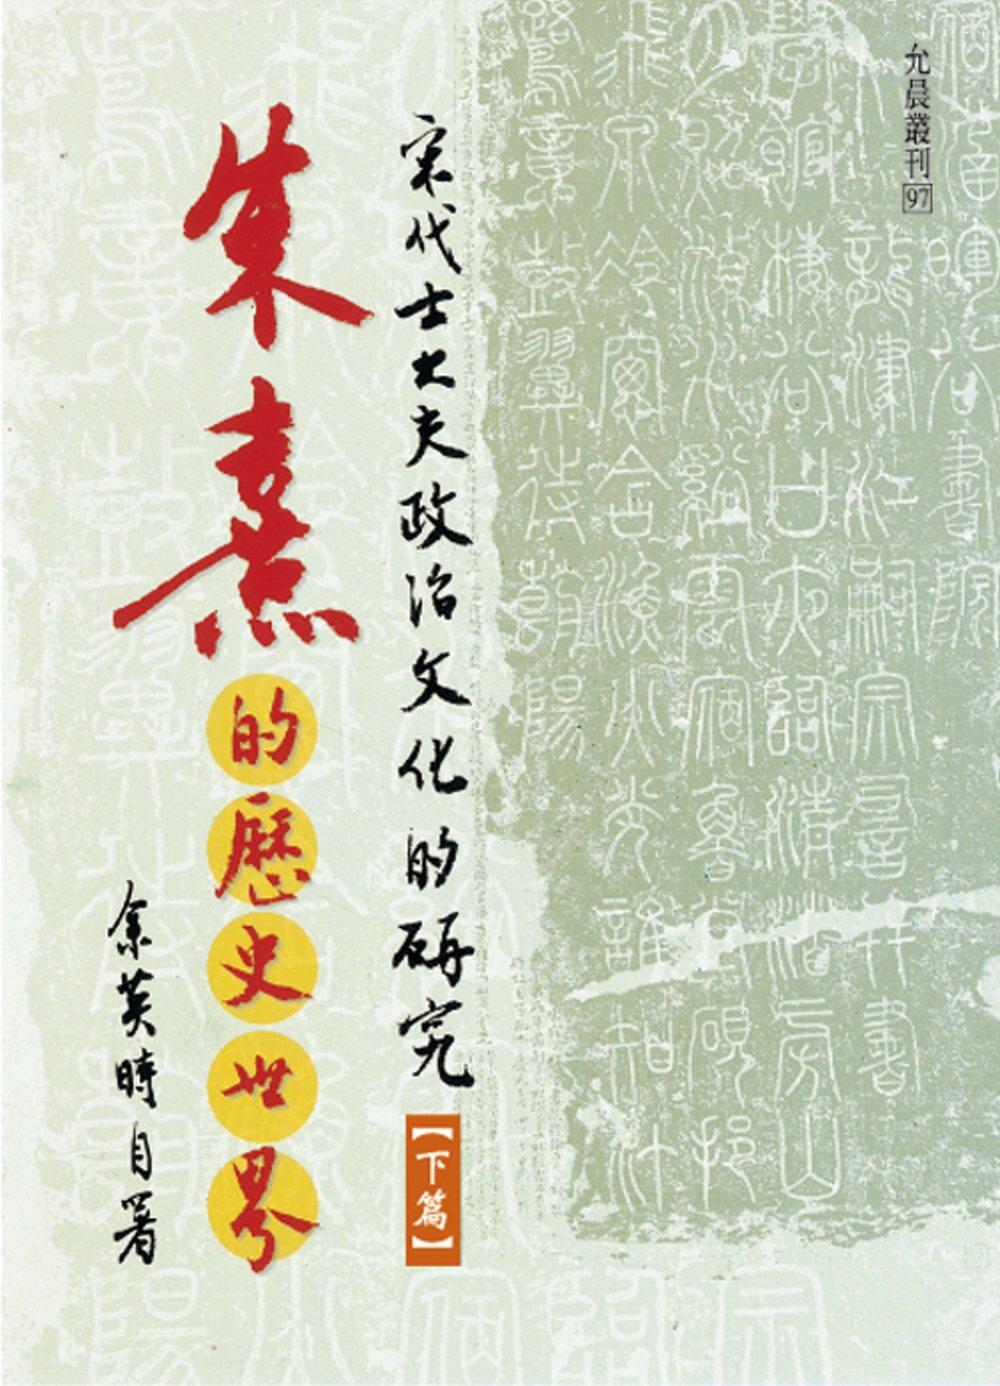 朱熹的歷史世界:宋代士大夫政治文化的研究(下冊)